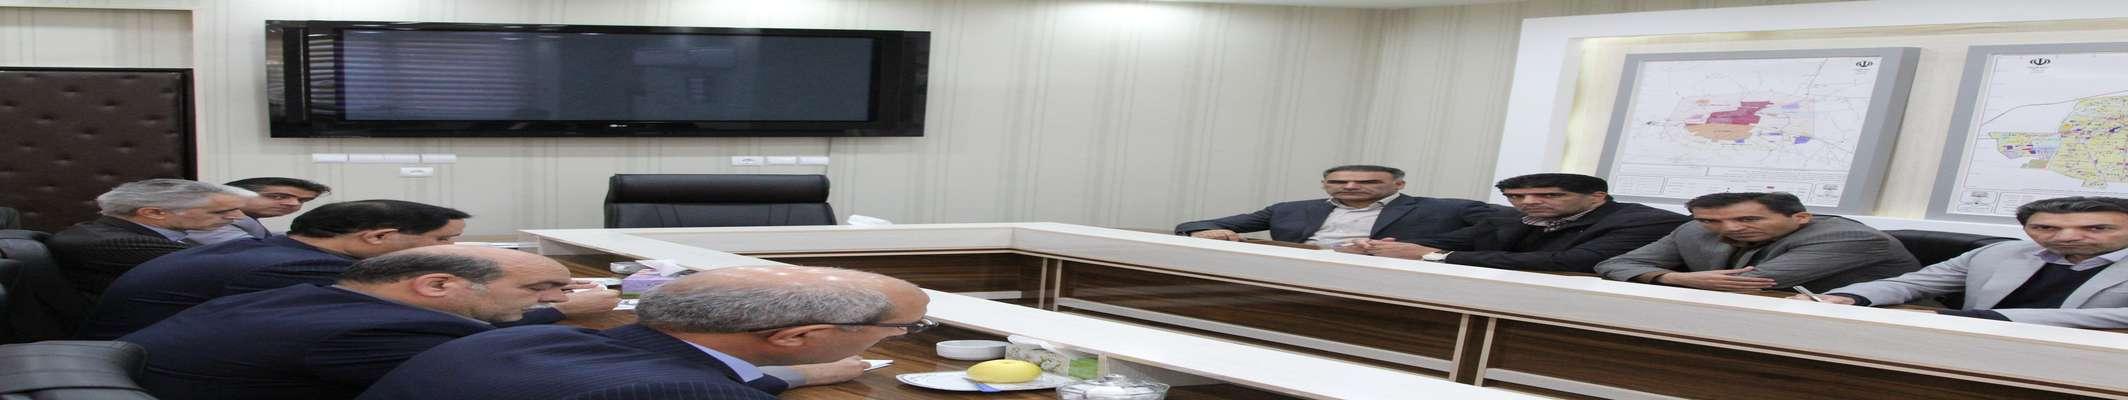 شهردار بیرجند خبر داد:حفظ فضای سبز؛ دغدغه مشترک منابع طبیعی و شهرداری